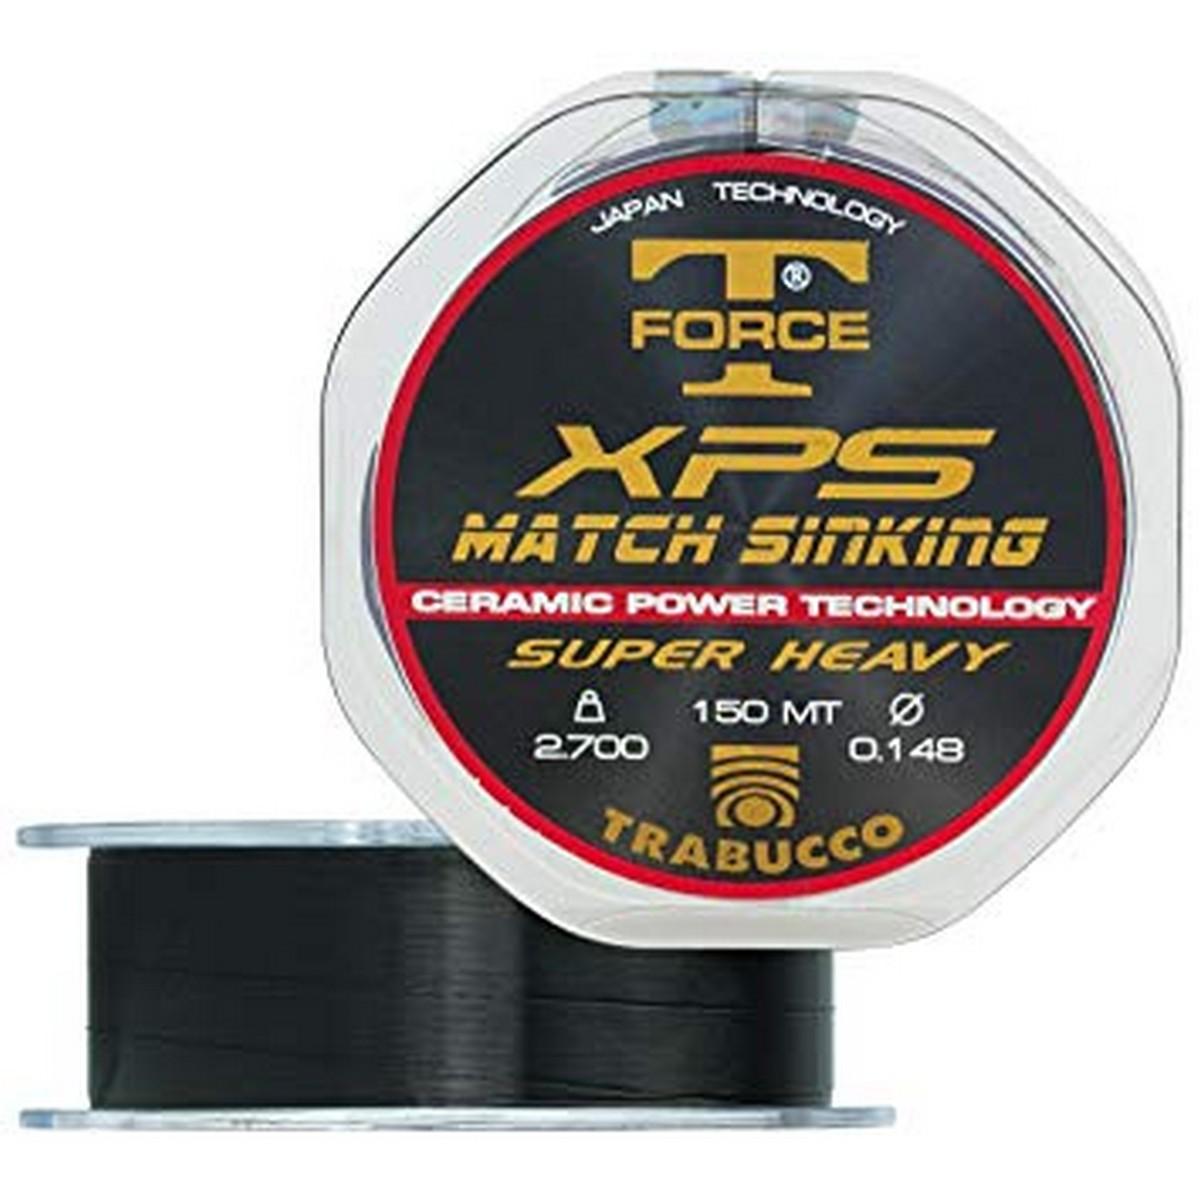 Риболовно влакно Trabucco T-Force XPS Match Sinking 150m